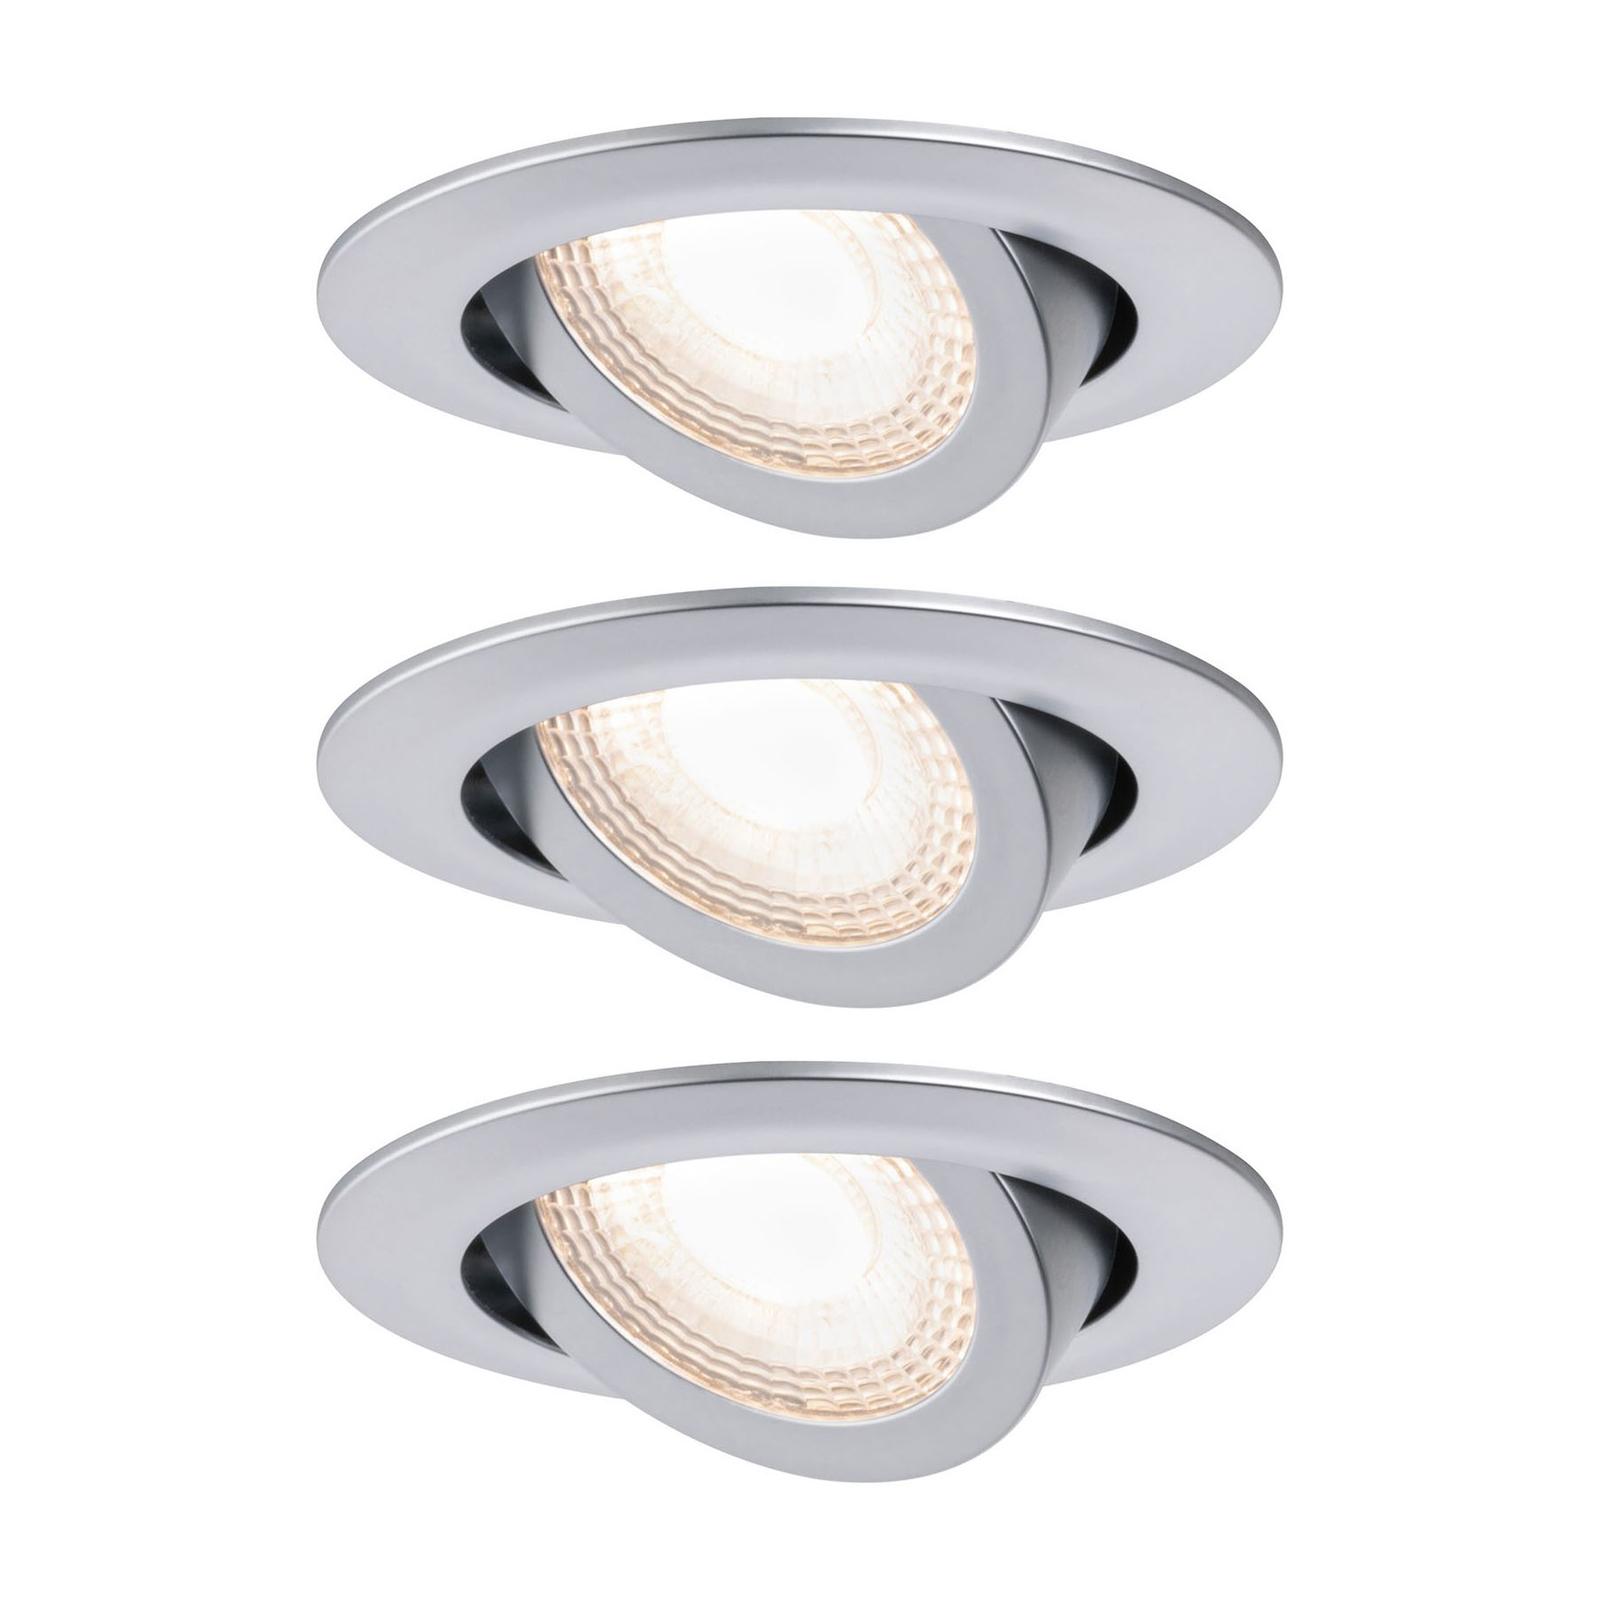 Paulmann 92986 LED-downlight 3 x 6 W, krom hvit